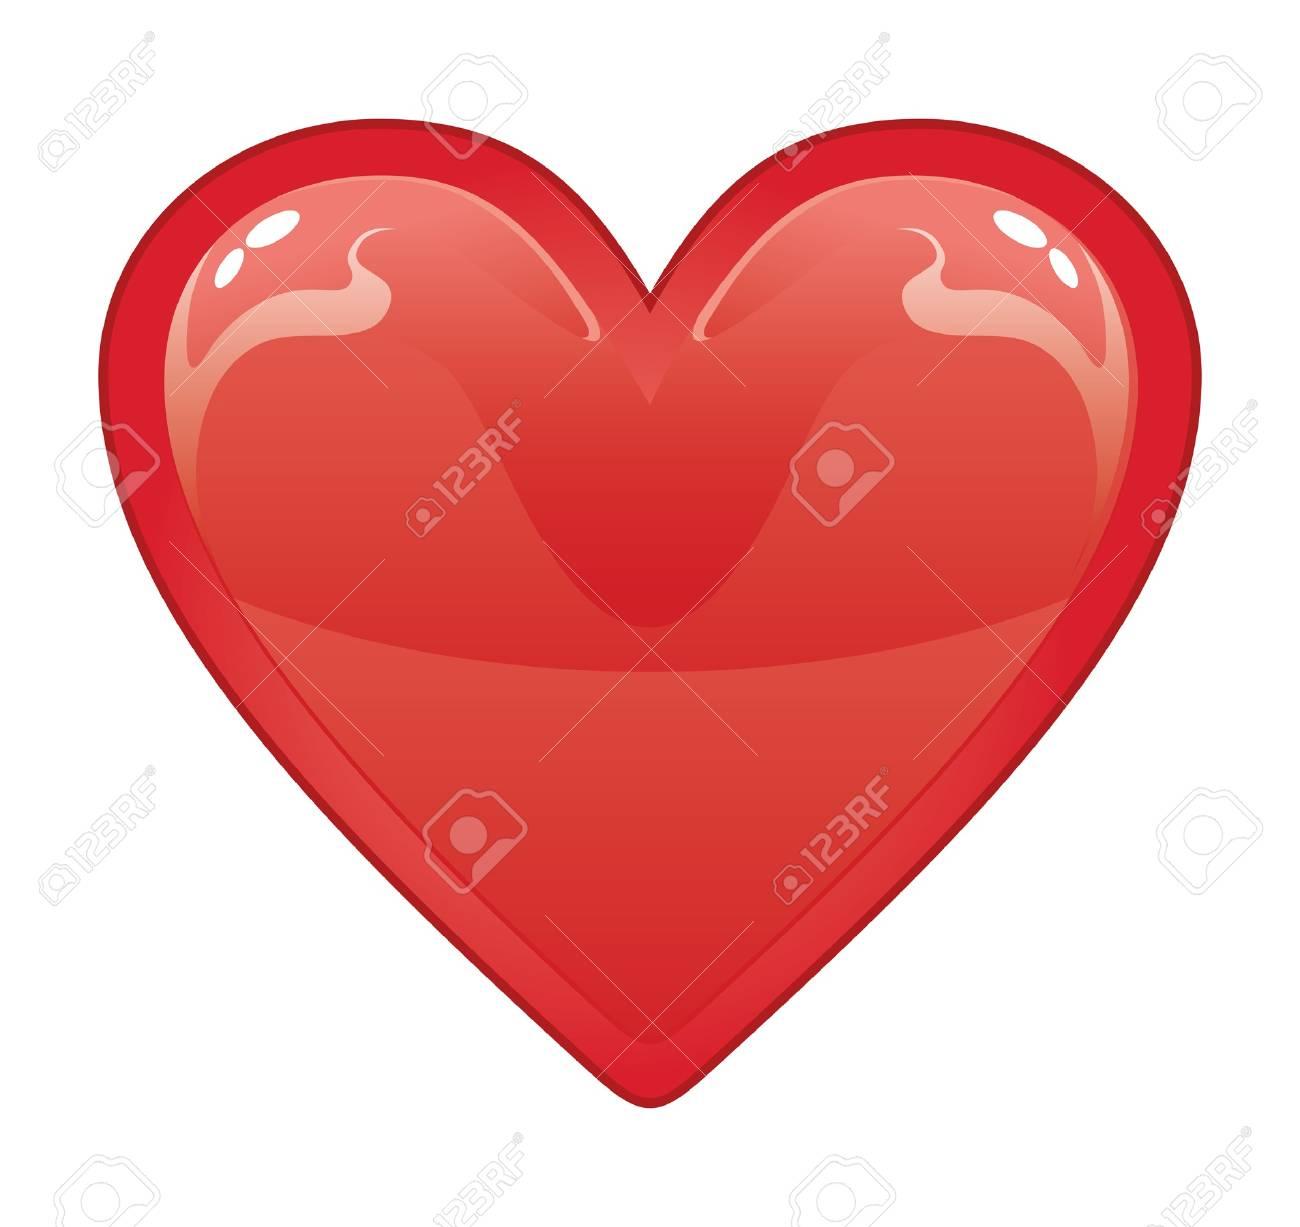 Vettoriale Cuore Di San Valentino è Una Illustrazione Di Un Cuore